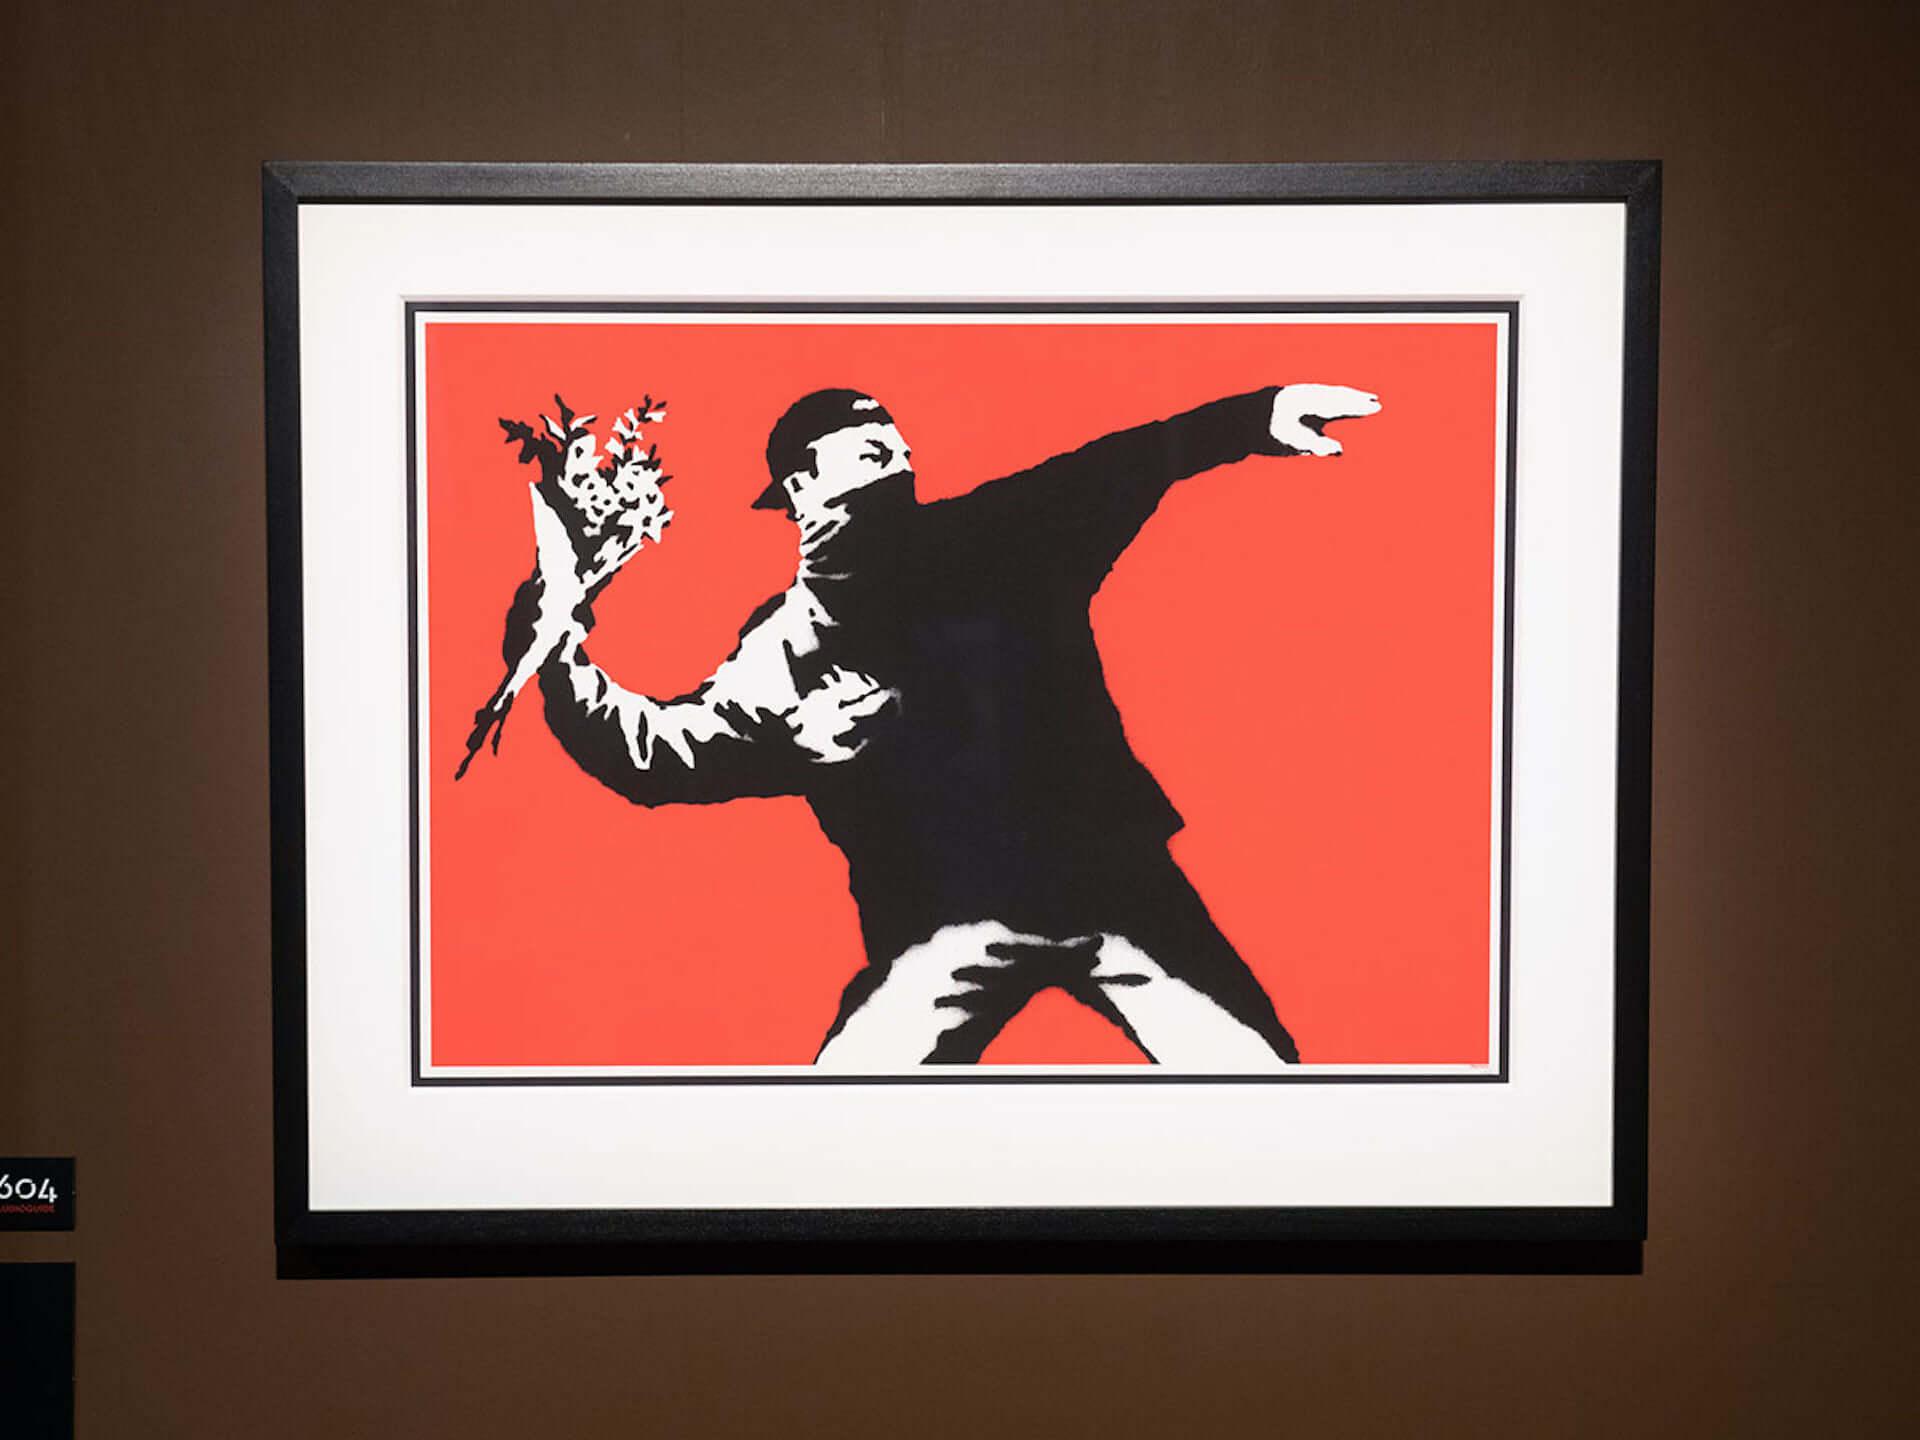 <バンクシー展 天才か反逆者か>が5月30日より再開決定|三密対策に伴う新企画も art200527_banksy_exhibition_3-1920x1440